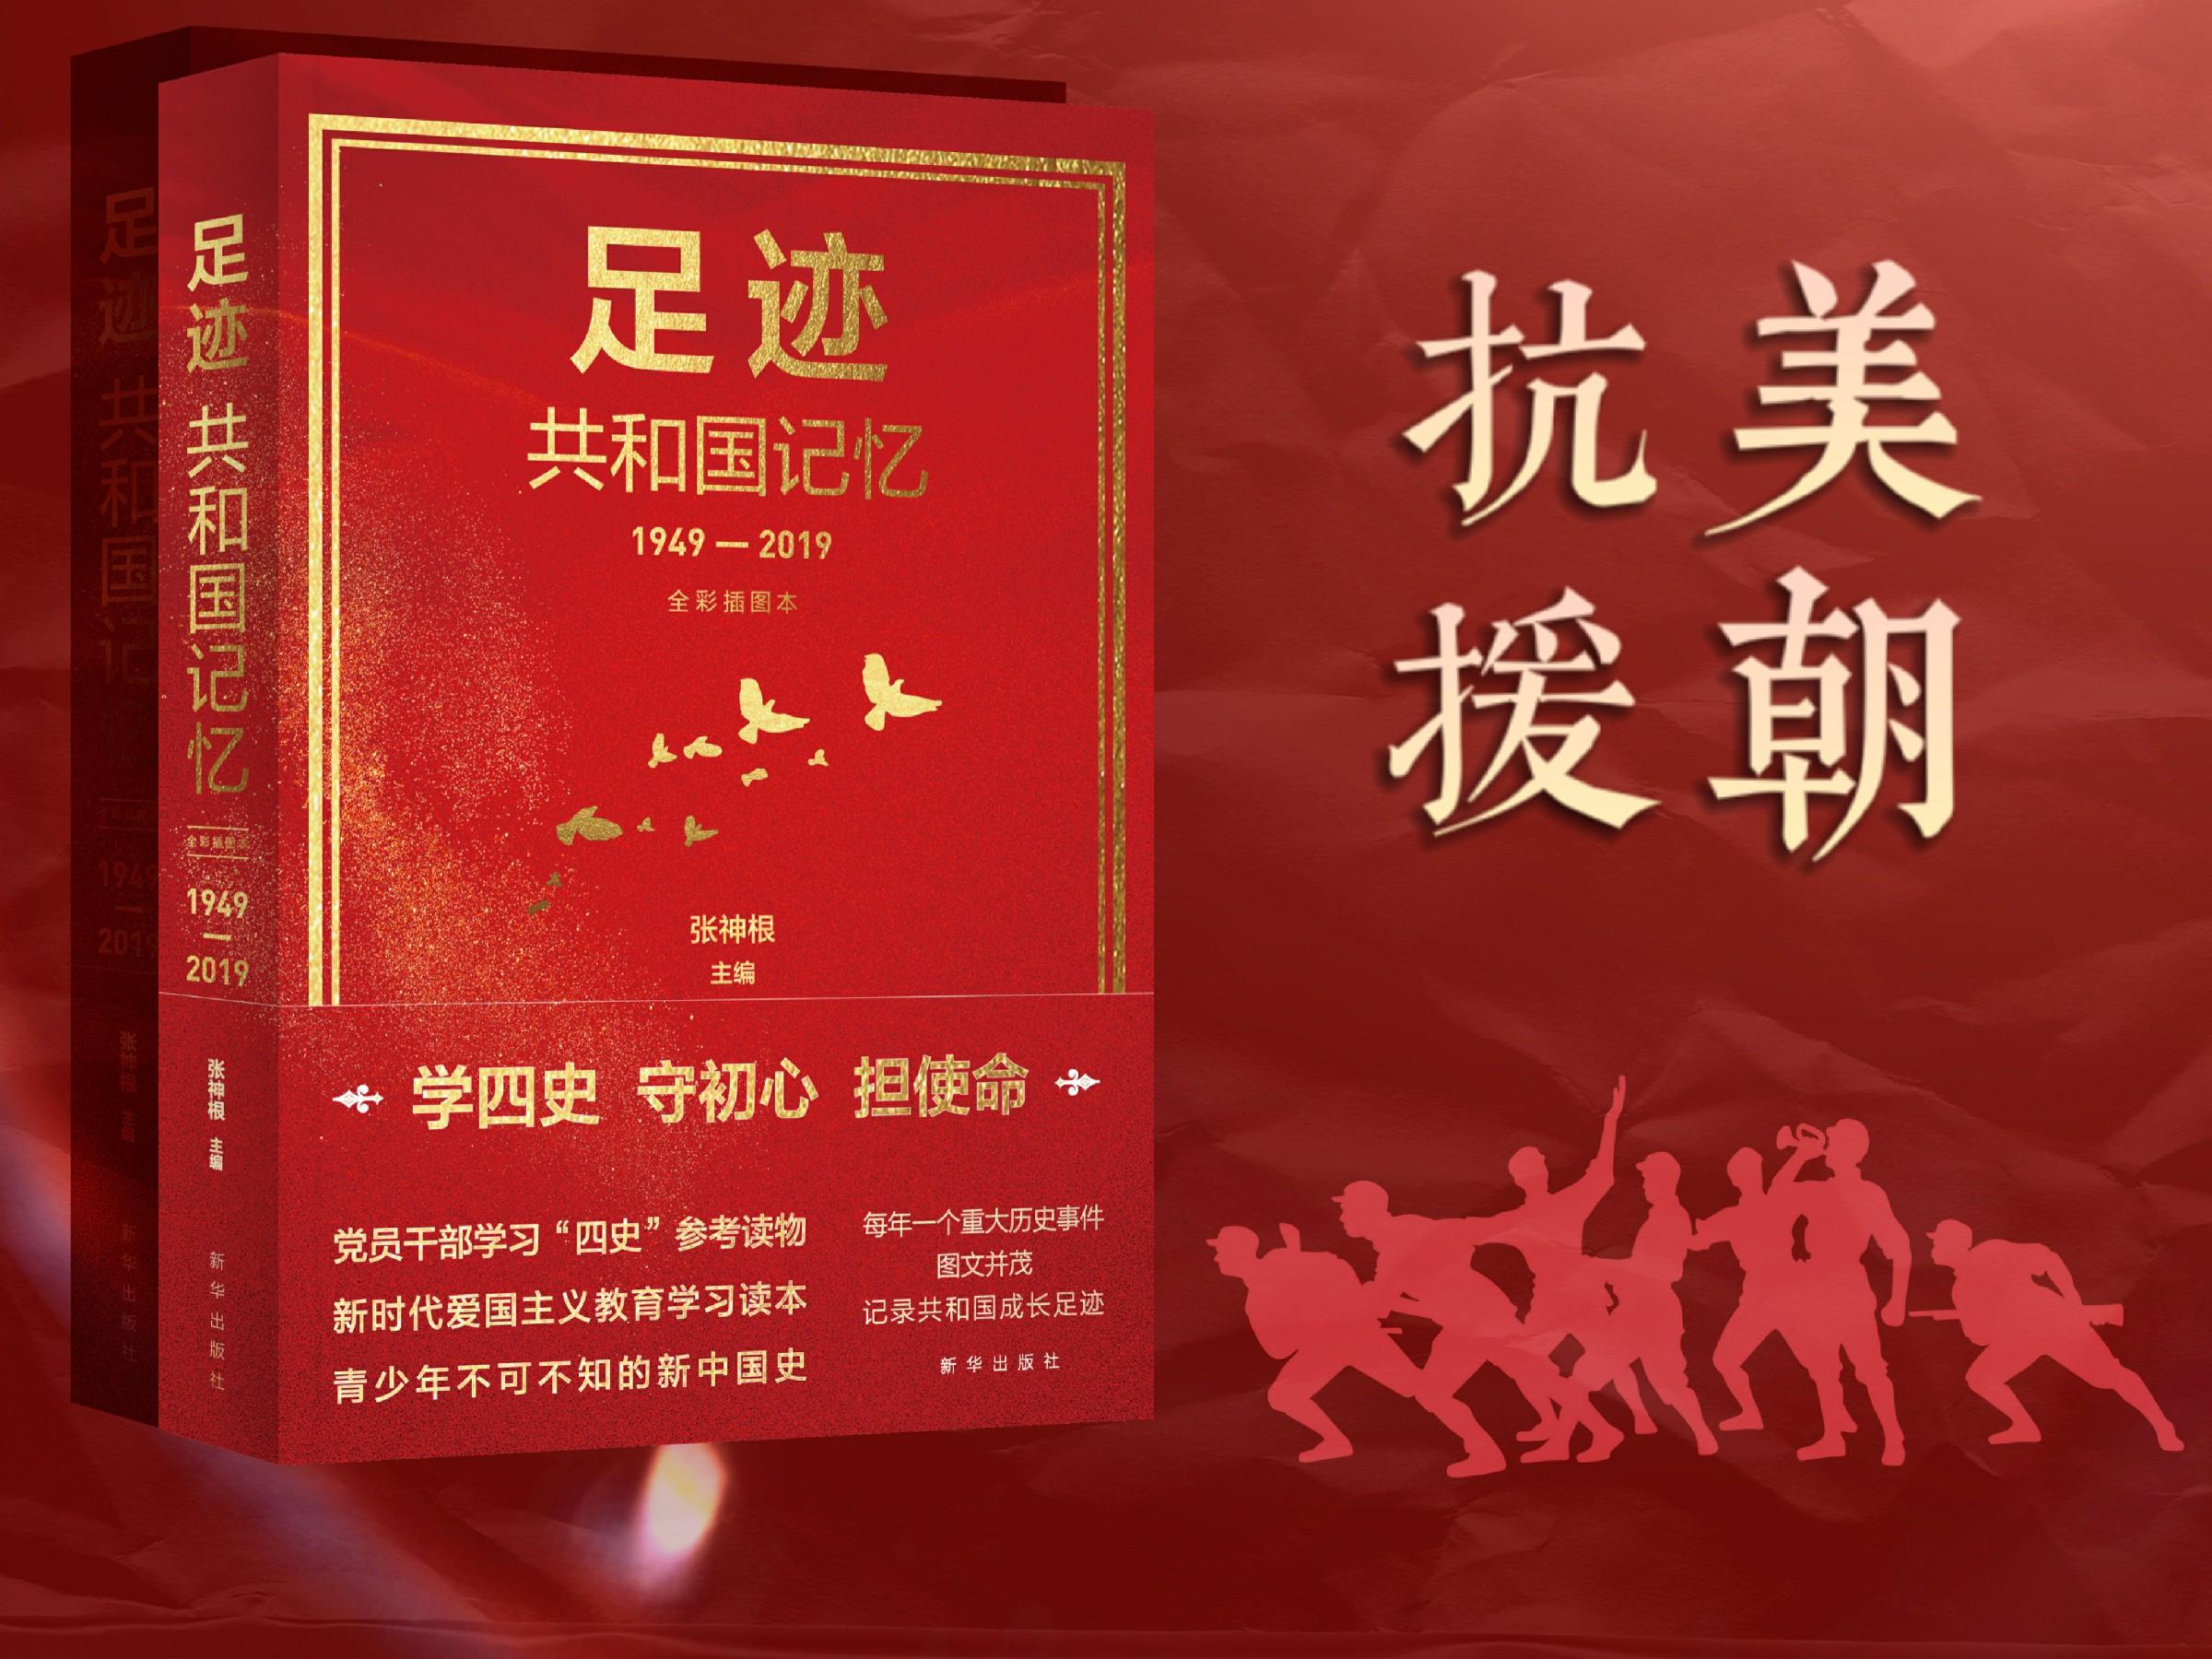 抗美援朝:毛泽东一生中最艰难的决策